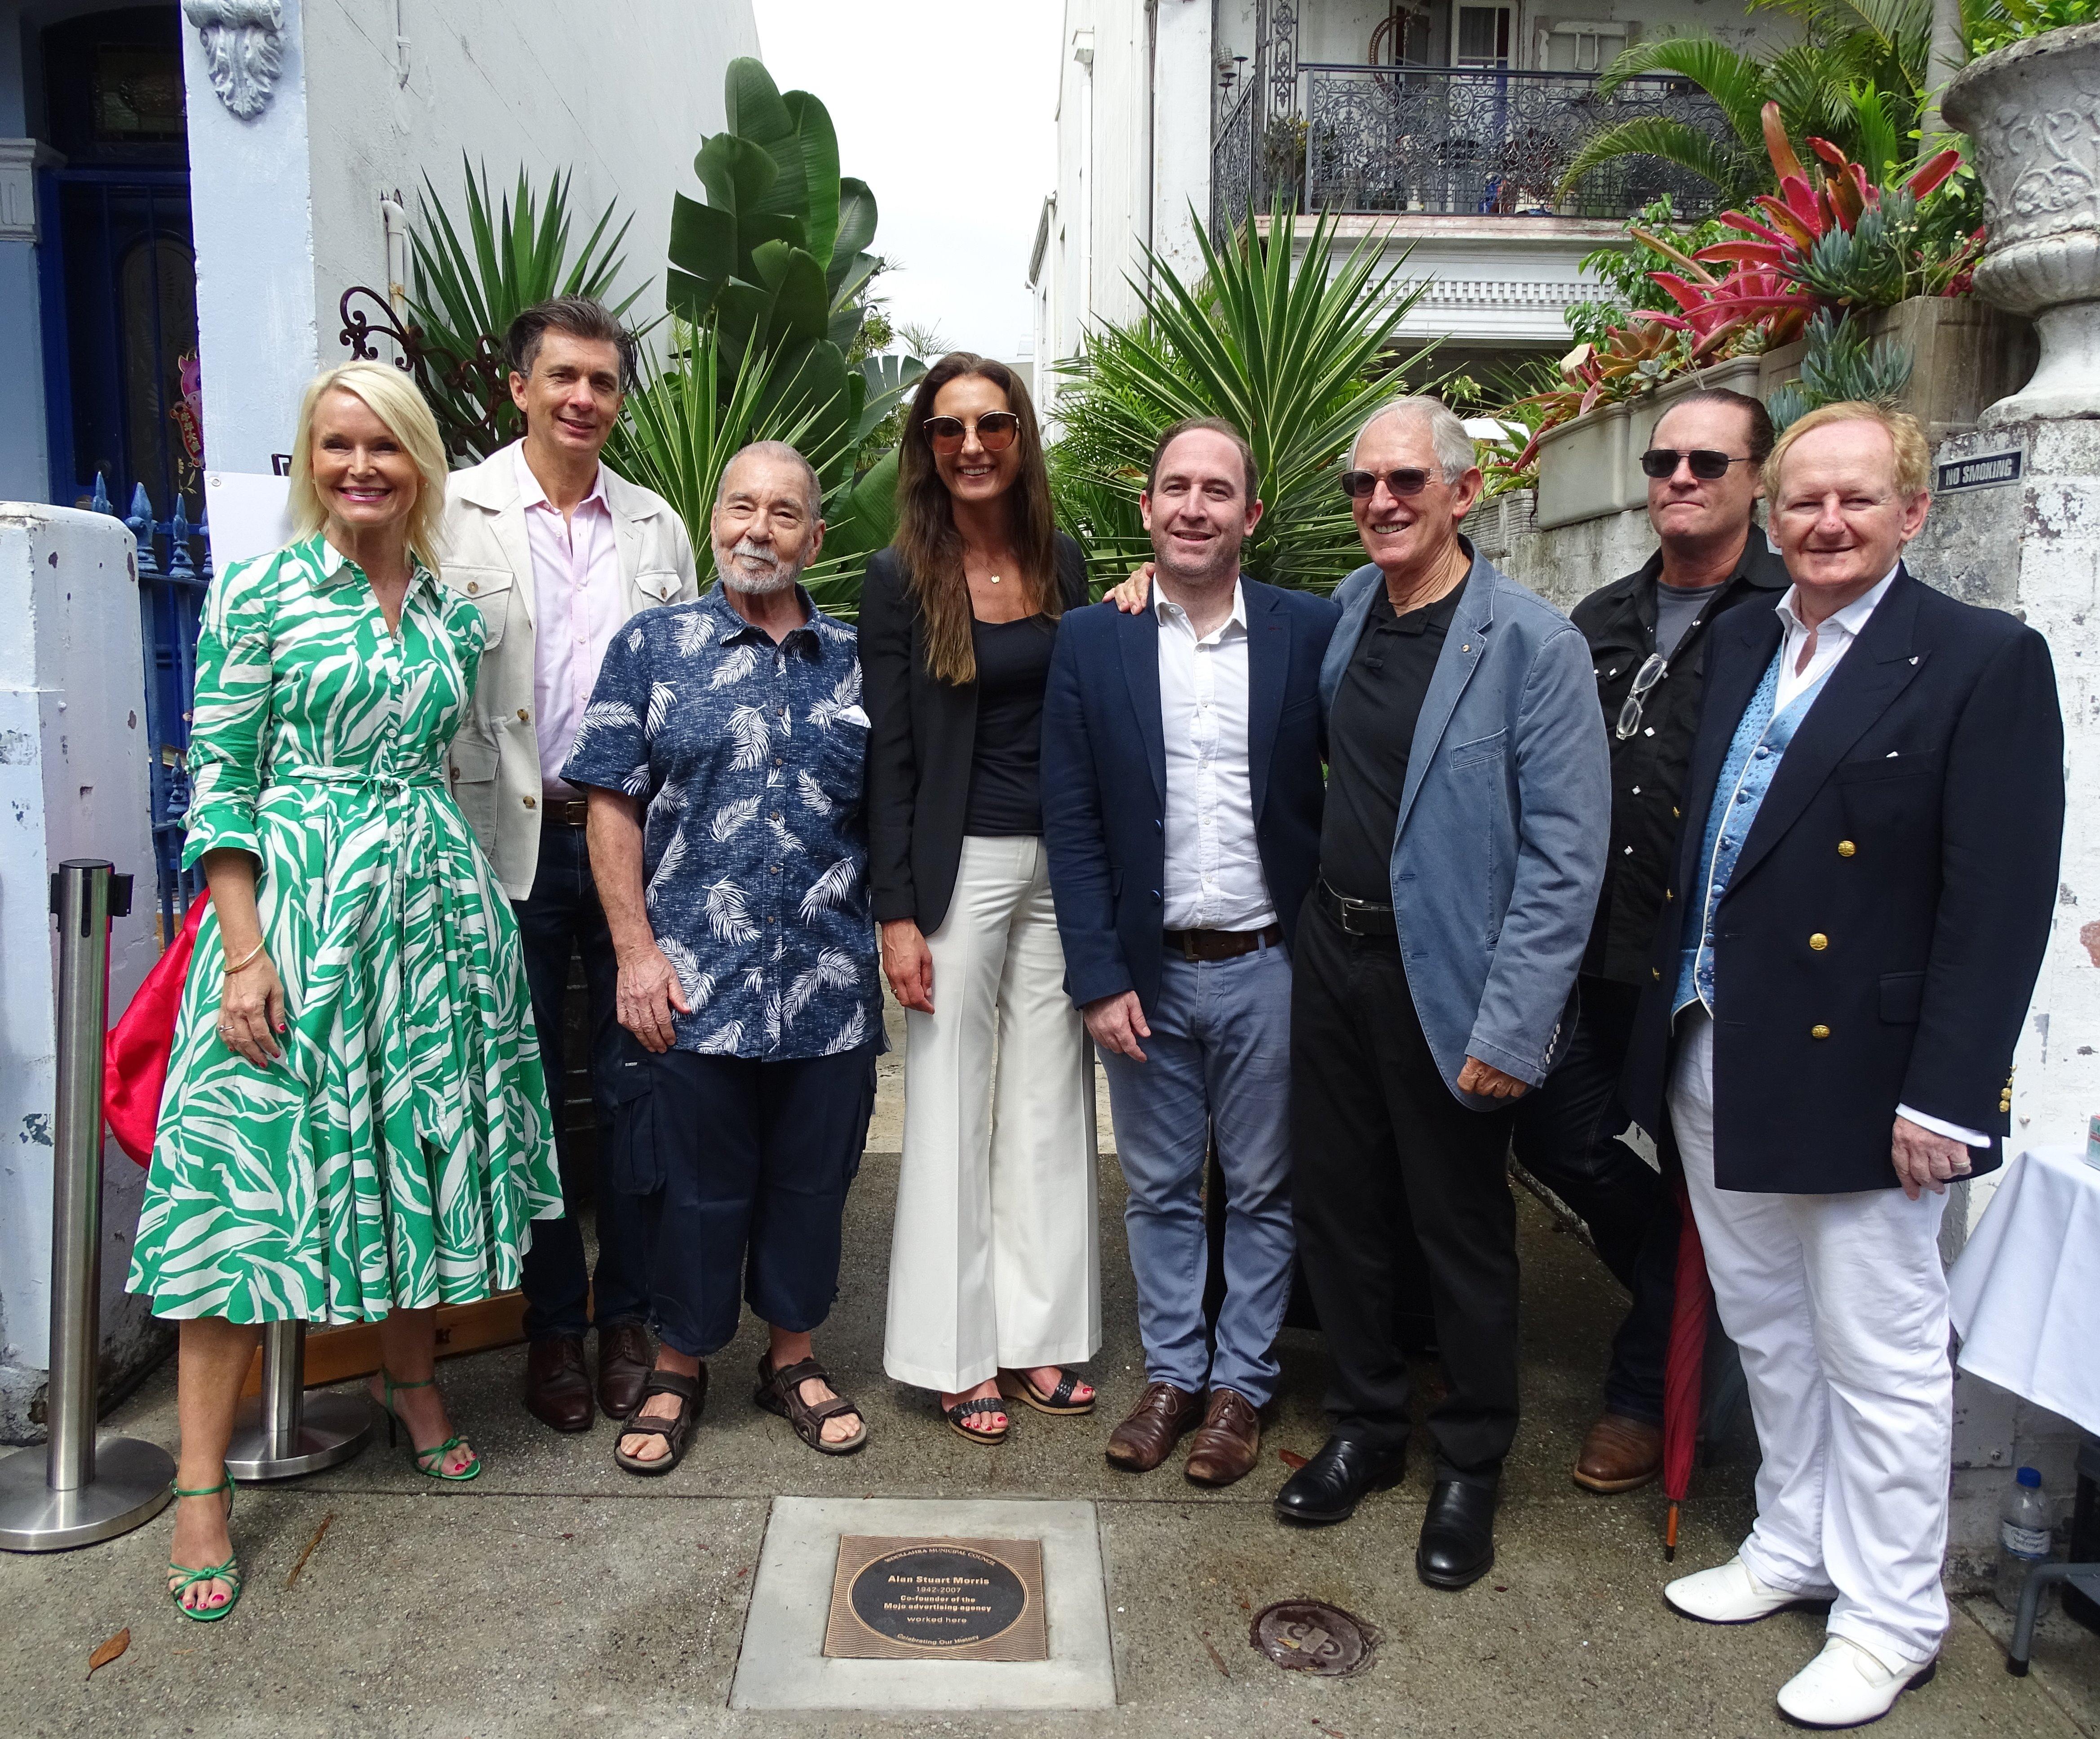 Alan Stuart Morris plaque unveiling